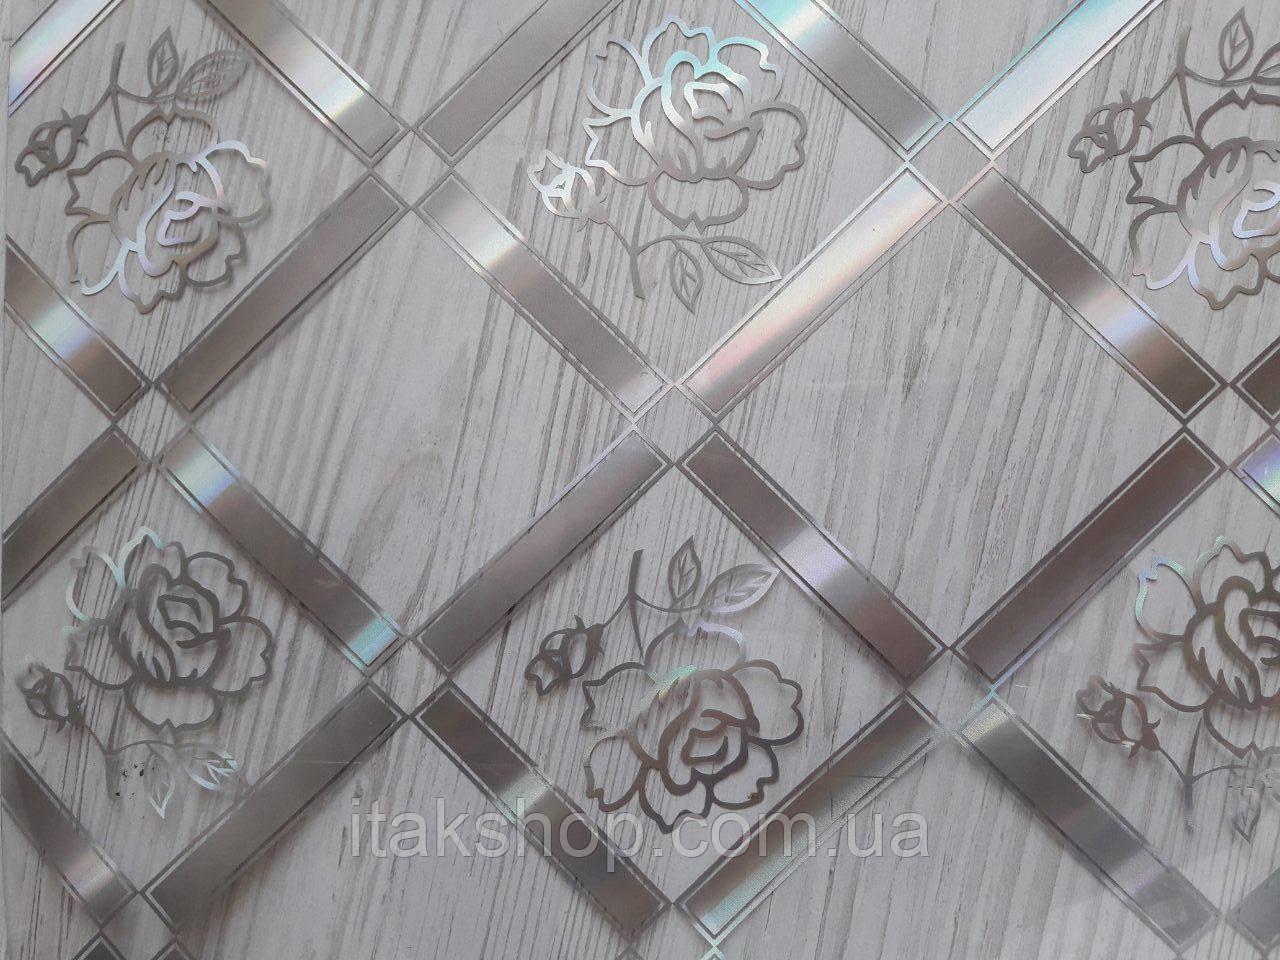 Мягкое стекло Скатерть с лазерным рисунком Soft Glass 1.4х0.8м толщина 1.5мм Серебристая роза в квадрате